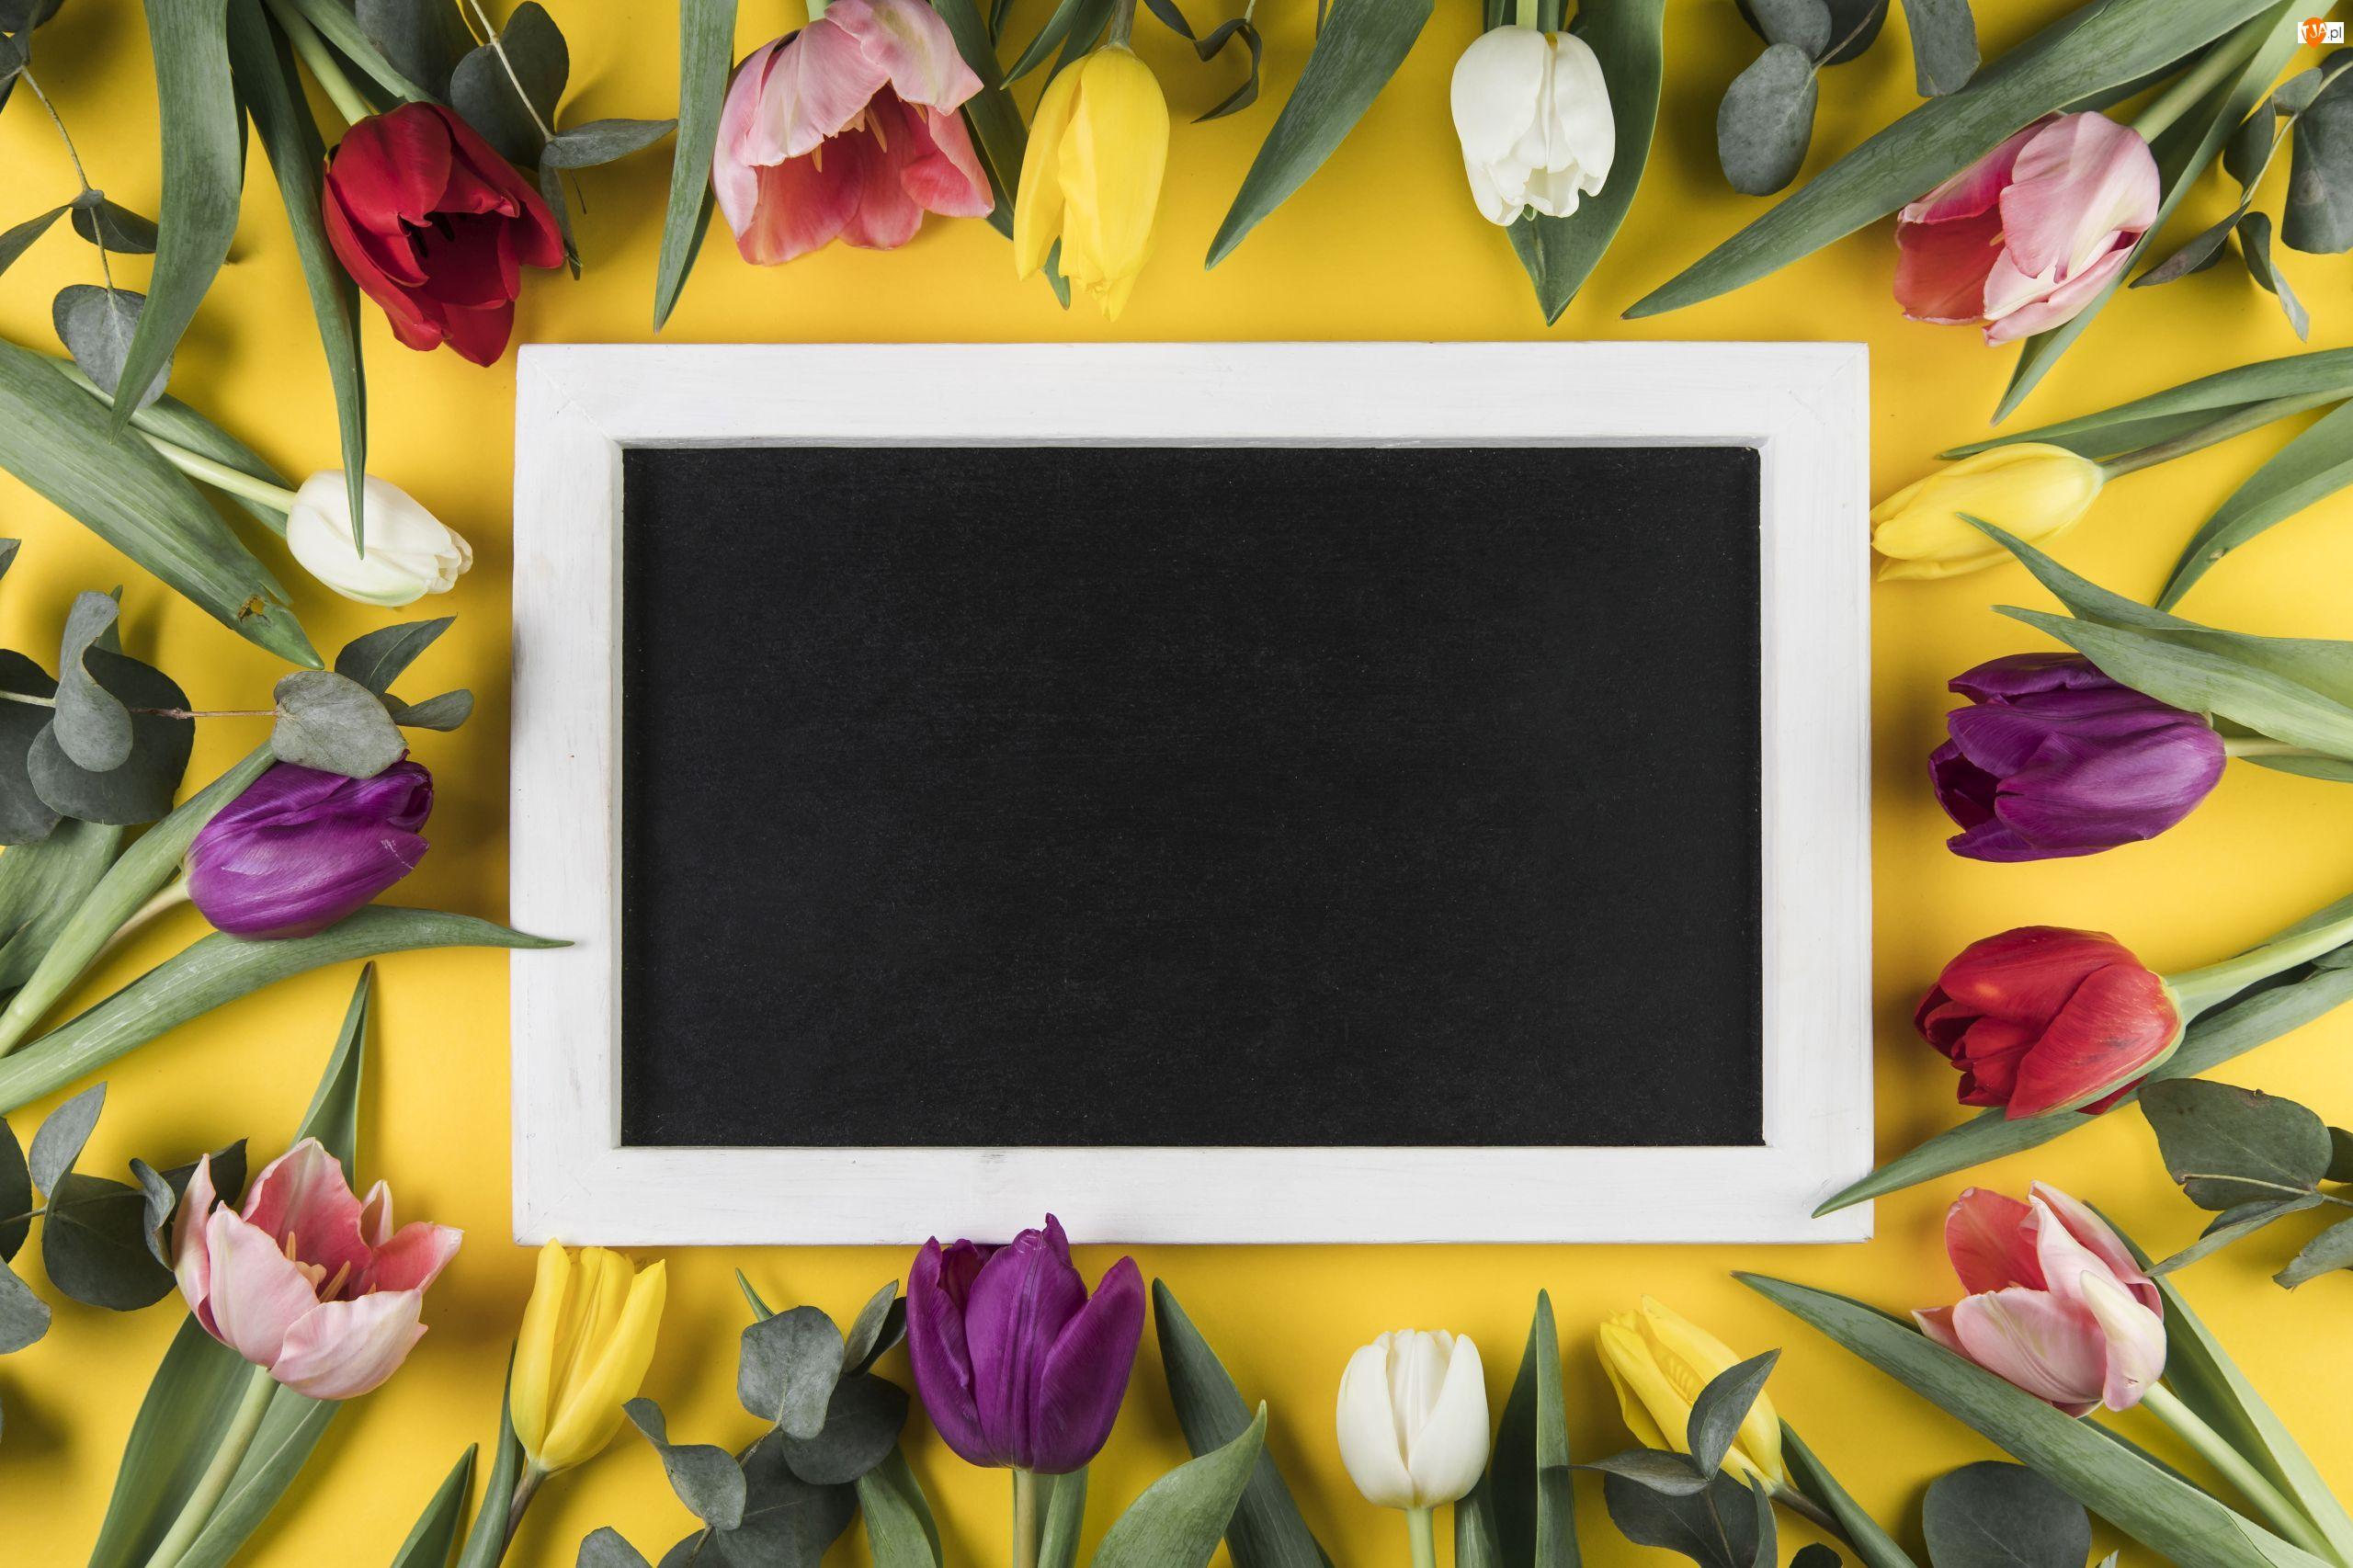 Różnokolorowe, Kwiaty, Tabliczka, Tło, Tulipany, Żółte